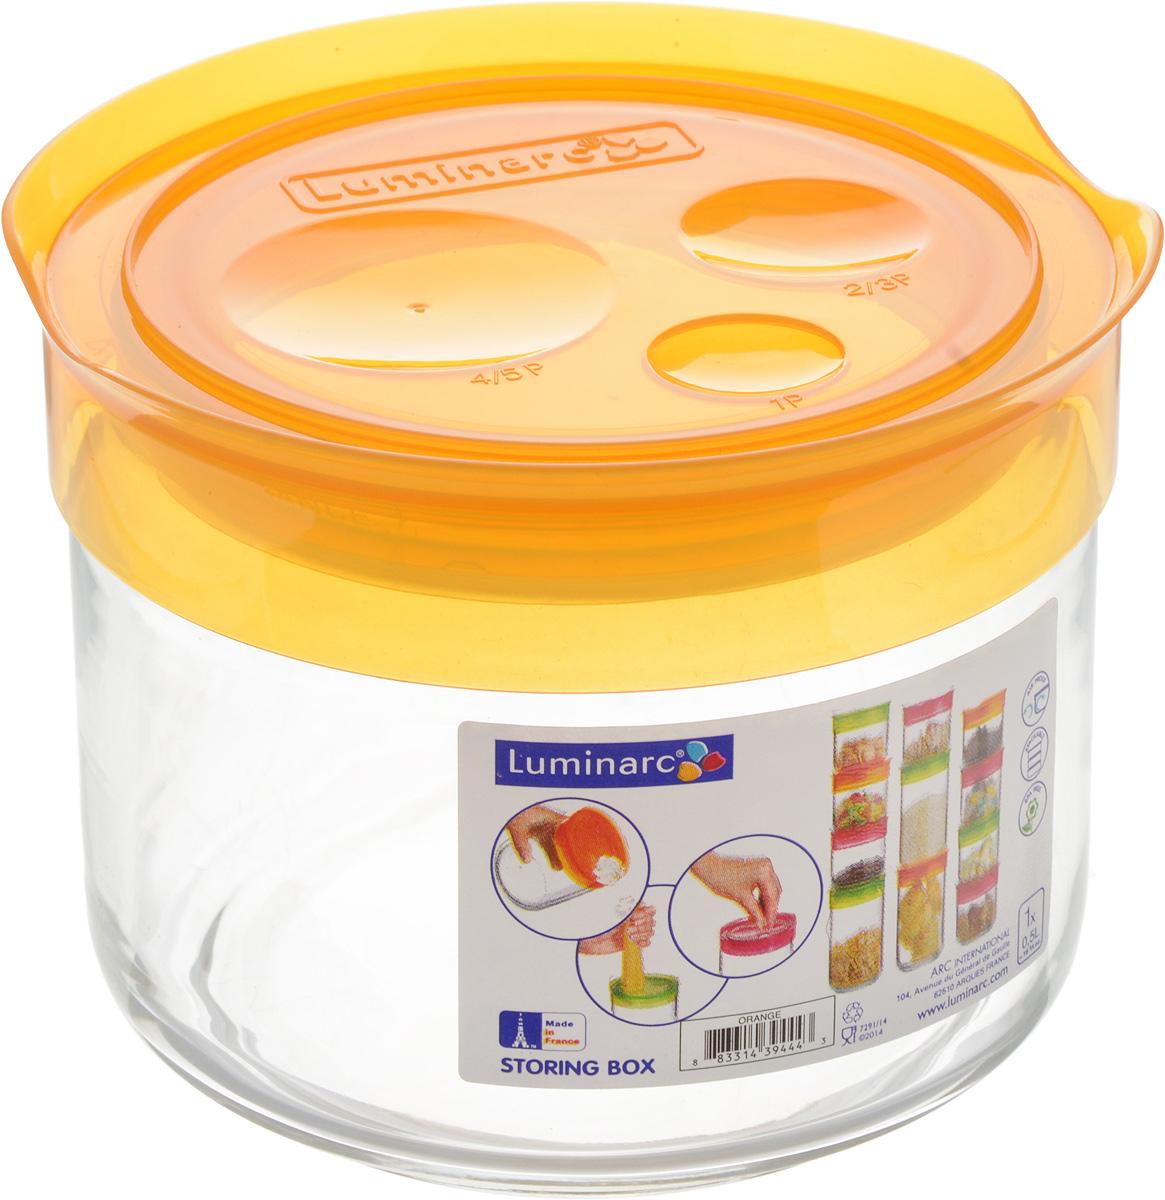 Банка для сыпучих продуктов Luminarc Storing Box, с крышкой, цвет: оранжевый, 500 млVT-1520(SR)Банка Luminarc Storing Box, выполненная из упрочненного стекла, станет незаменимым помощником на кухне. В ней будет удобно хранить разнообразные сыпучие продукты, такие как кофе, сахар, соль или специи. Прозрачная банка позволит следить, что и в каком количестве находится внутри. Банка надежно закрывается пластиковой крышкой, которая снабжена резиновым уплотнителем для лучшей фиксации. Такая банка не только сэкономит место на вашей кухне, но и украсит интерьер.Объем: 500 мл.Диаметр банки (по верхнему краю): 9 см.Высота банки (без учета крышки): 8 см.